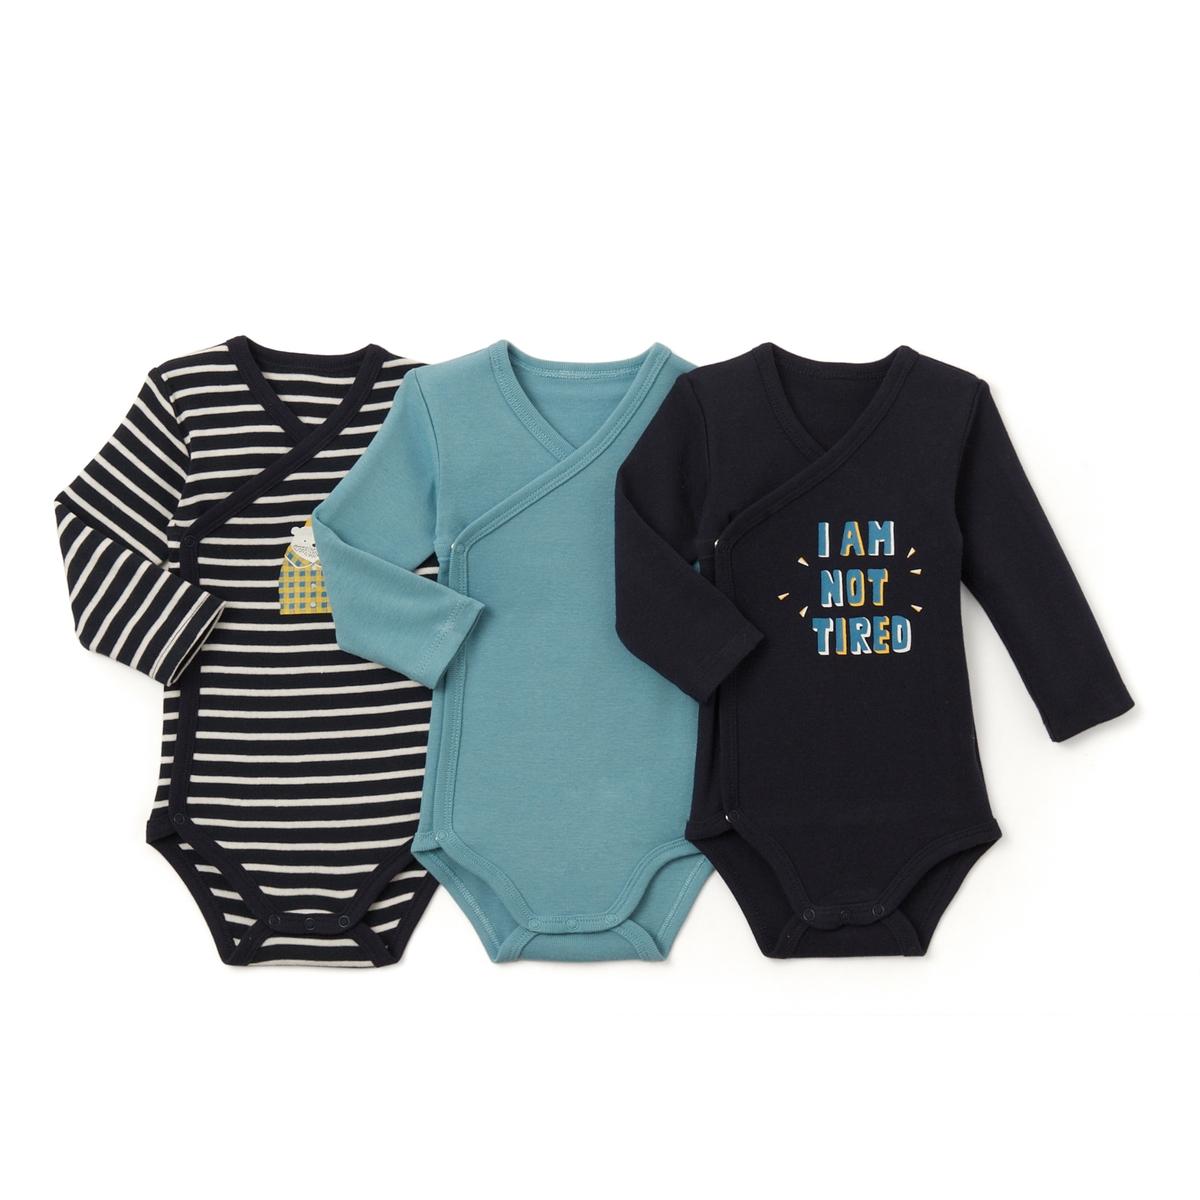 Комплект из 3 хлопковых боди для малышейДетали •  Рисунок-принт •  Для новорожденных •  Длинные рукава  •  ХлопокСостав и уход •  100% хлопок  •  Температура стирки 40°  • Низкая температура глажки / не отбеливать     • Барабанная сушка на слабом режиме       • Сухая чистка запрещена<br><br>Цвет: темно-синий + синий<br>Размер: 0 мес. - 50 см.6 мес. - 67 см.1 мес. - 54 см